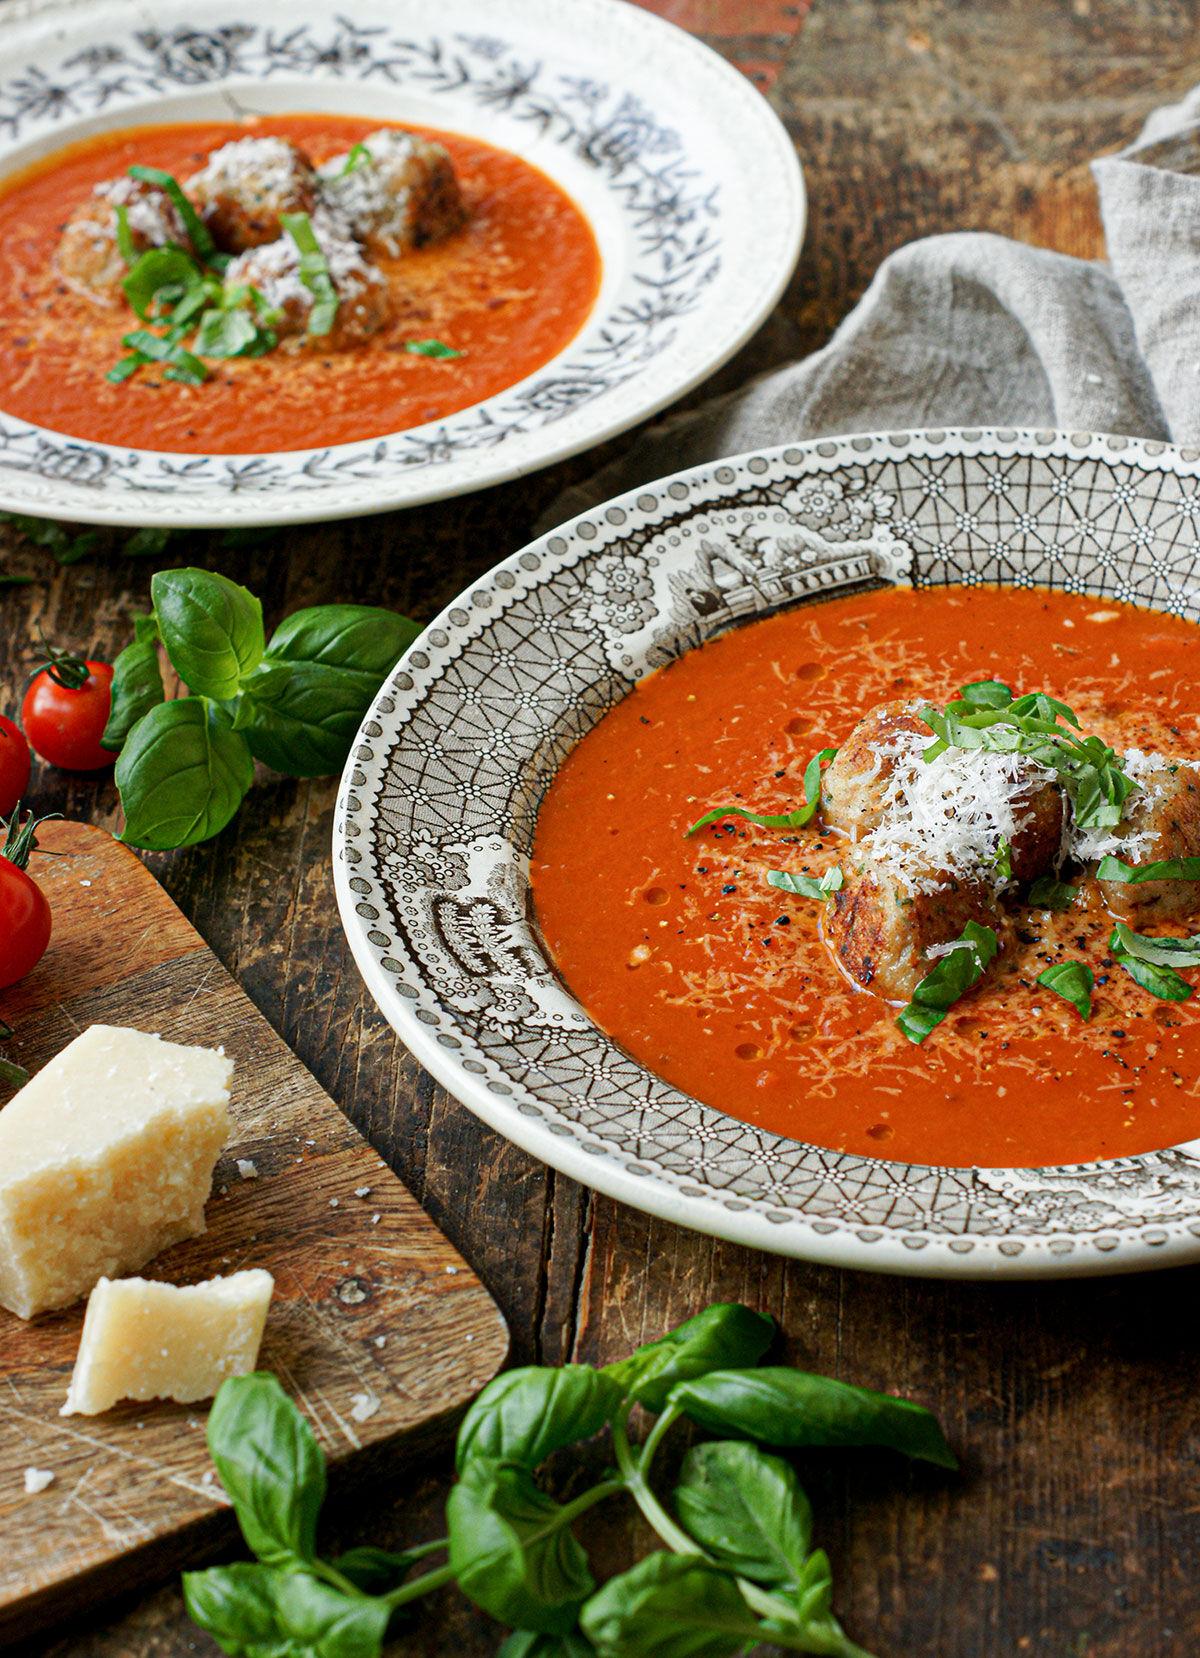 Italiensk soppa med parmesan- och kycklingbollar i djup tallrik på ett träbord